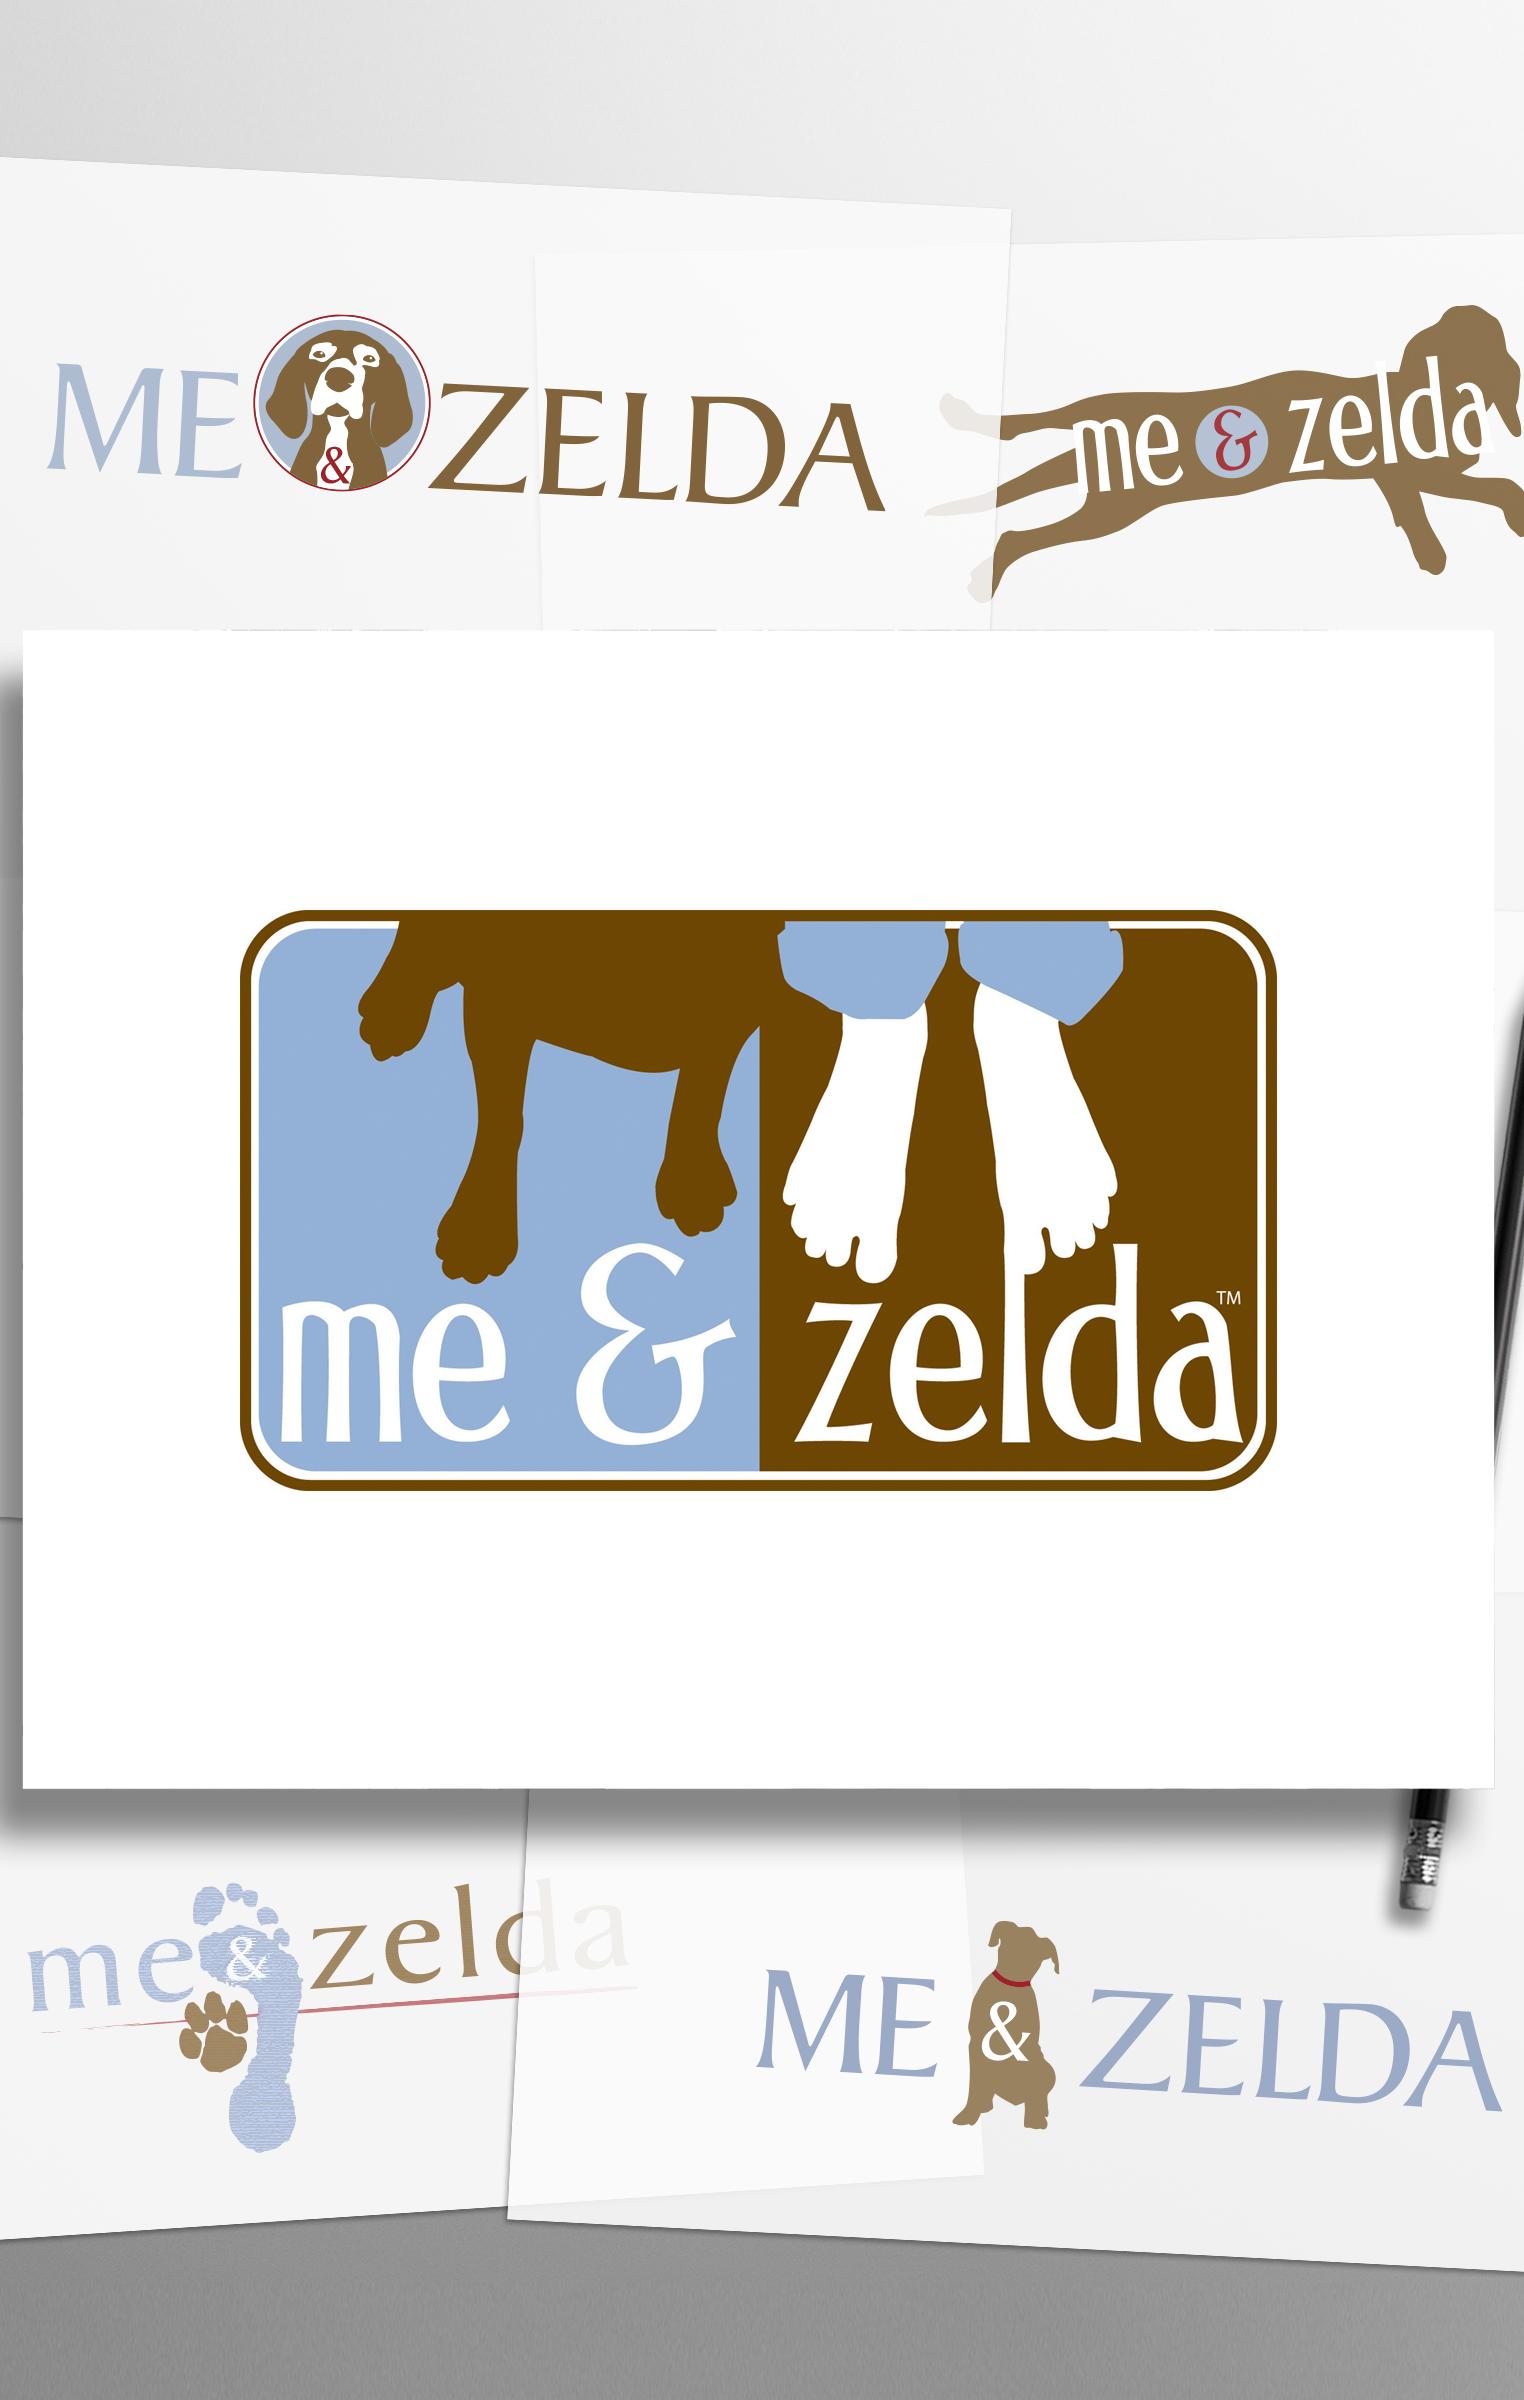 Me & Zelda